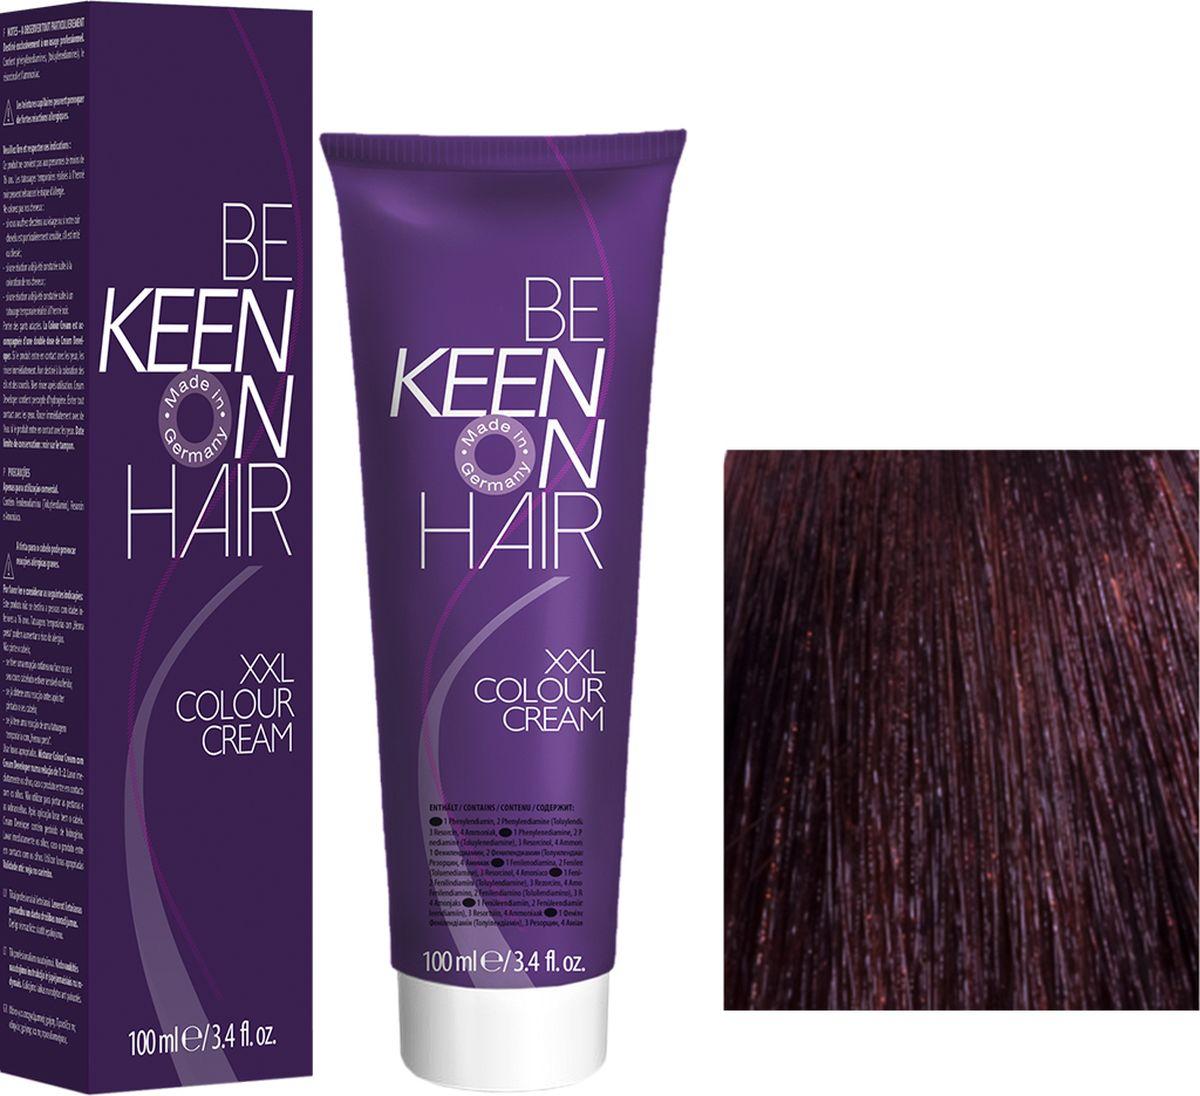 Keen Краска для волос 0.6 Фиолетовый Mixton Violett, 100 мл69100005МИКСТОНА используют для:Усиления интенсивности соответствующих цветовых нюансовКорректировки цветаИзменения направления цвета